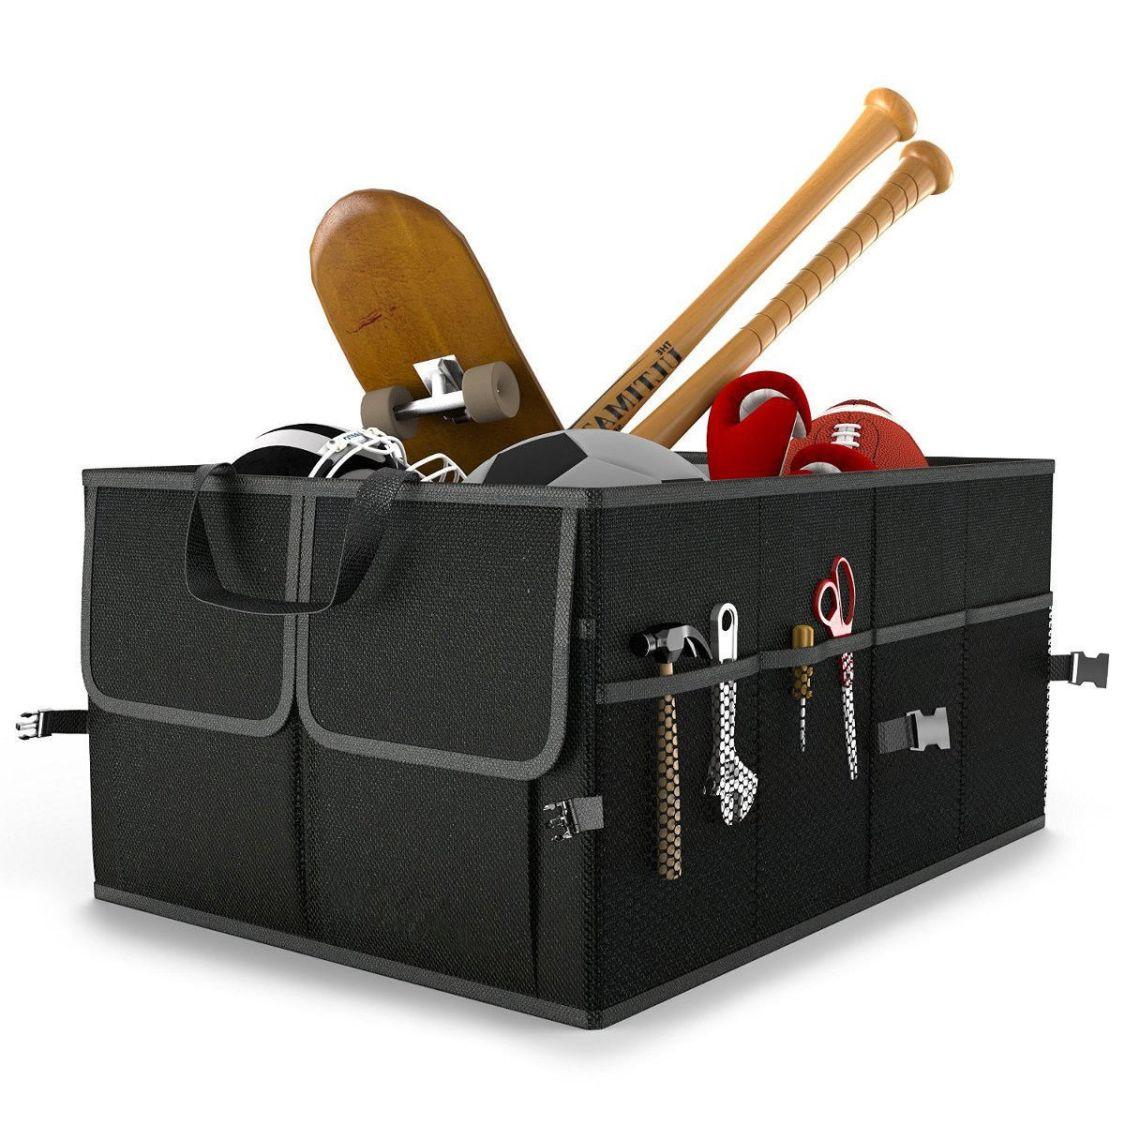 Autotasche Kofferraum Organizer Kofferraumtasche Storage Bag Case Box aus DE